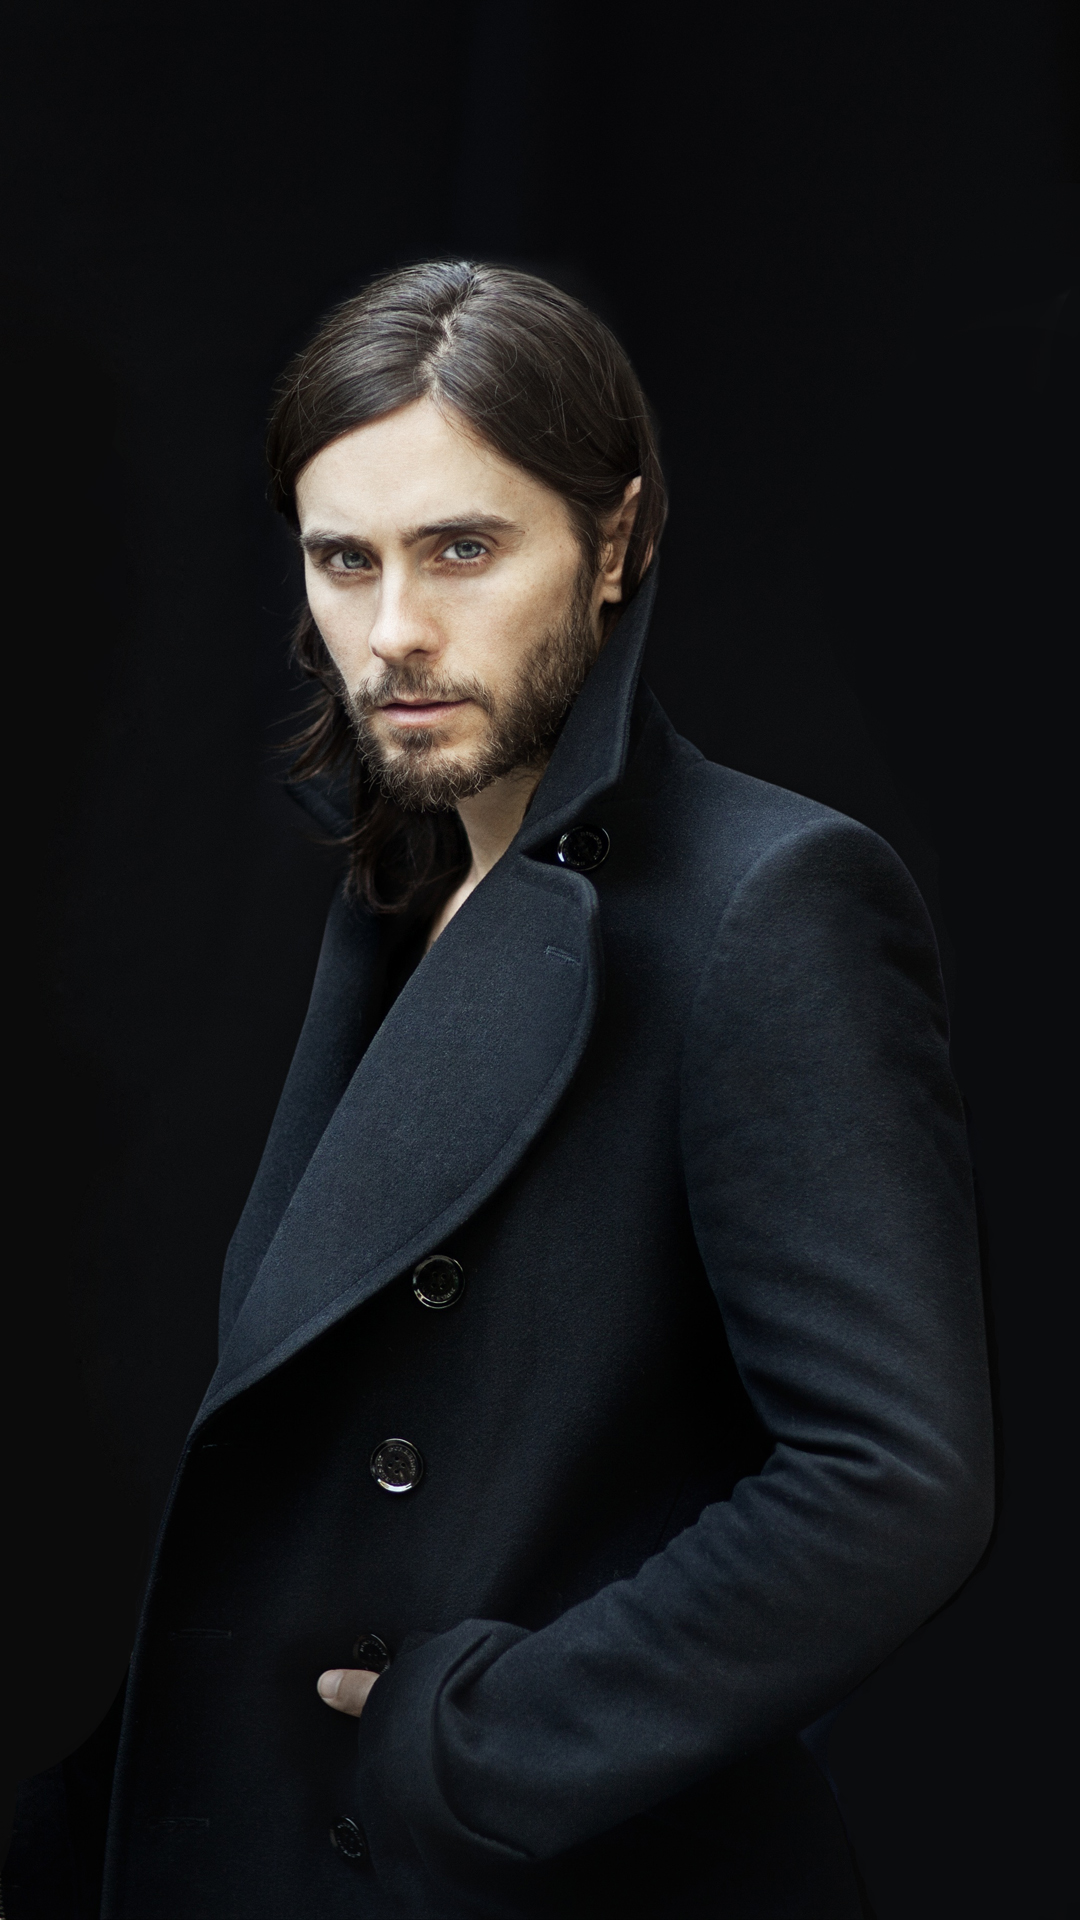 Handsome Jared Leto